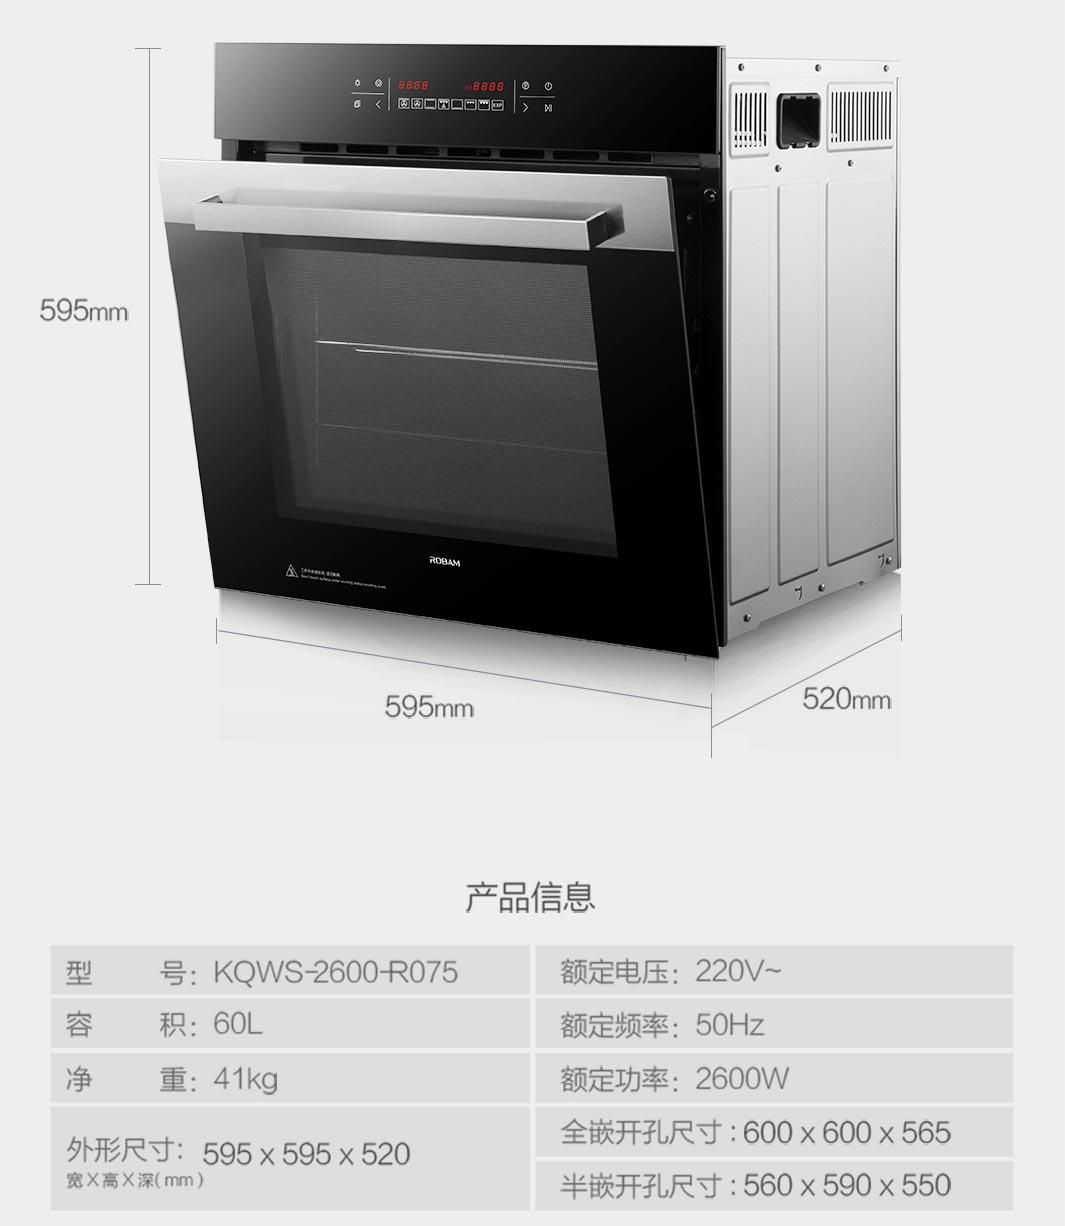 电烤箱 KQWS-2600-R075